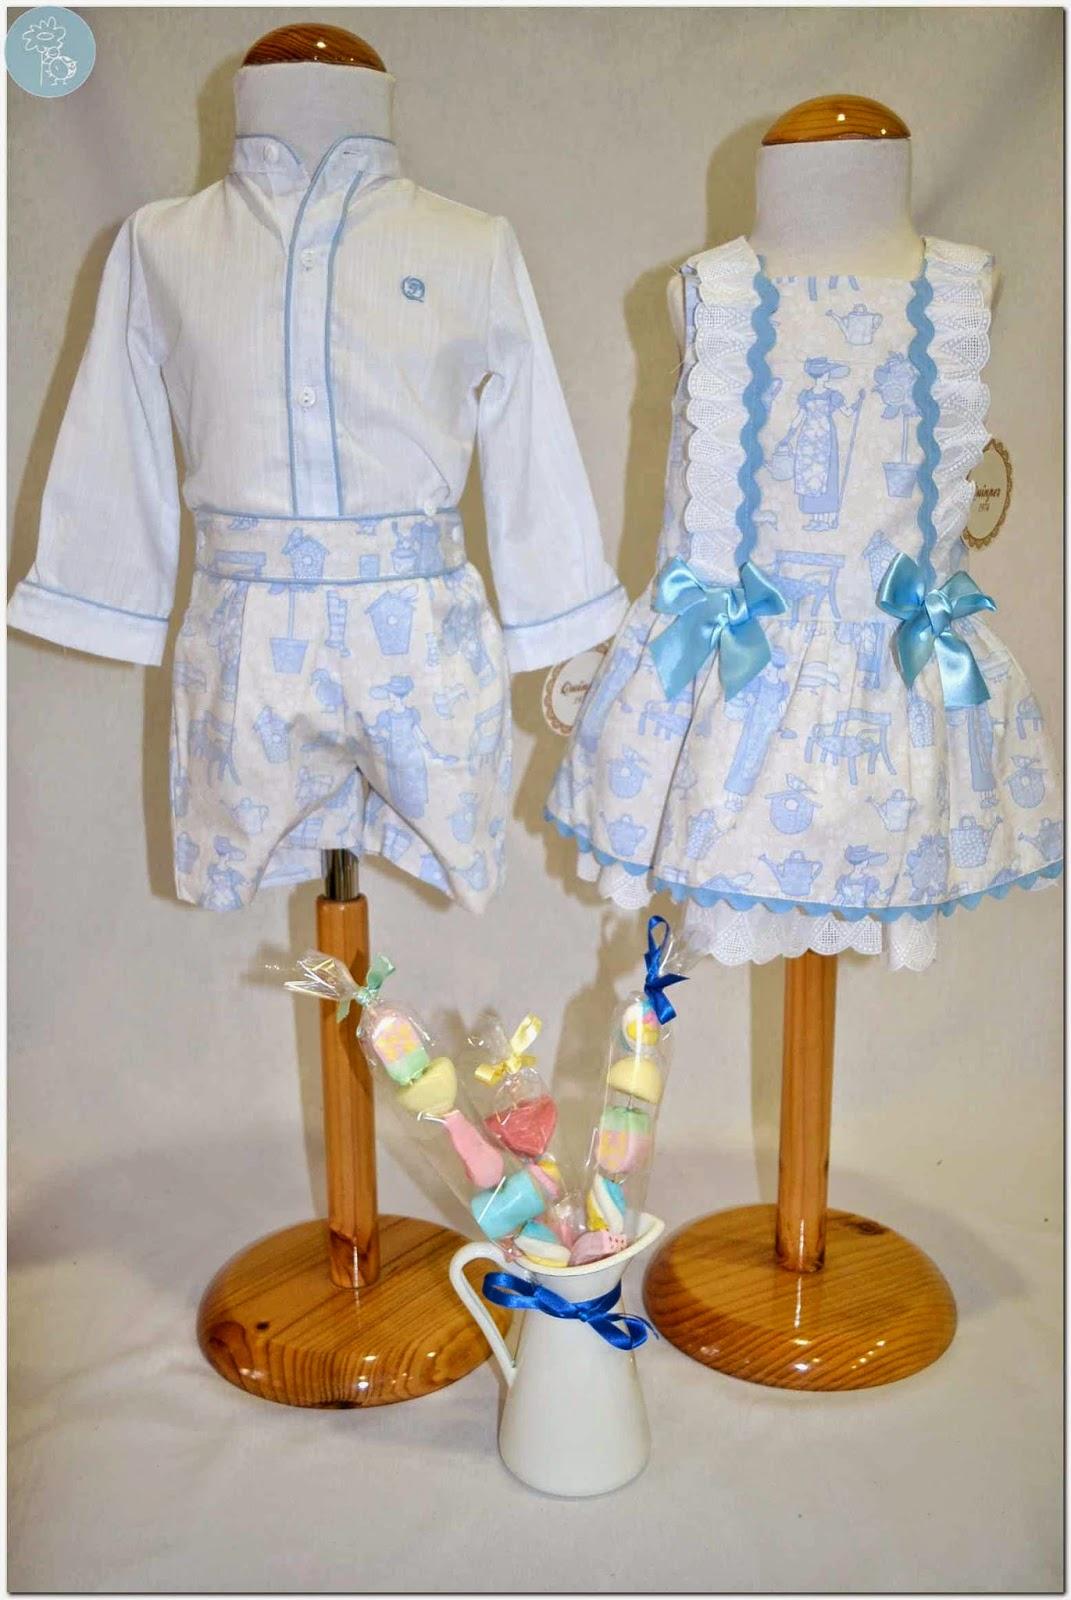 Quinper pareja conjunto niño y vestido colección Garden en Blog Retamal moda infantil